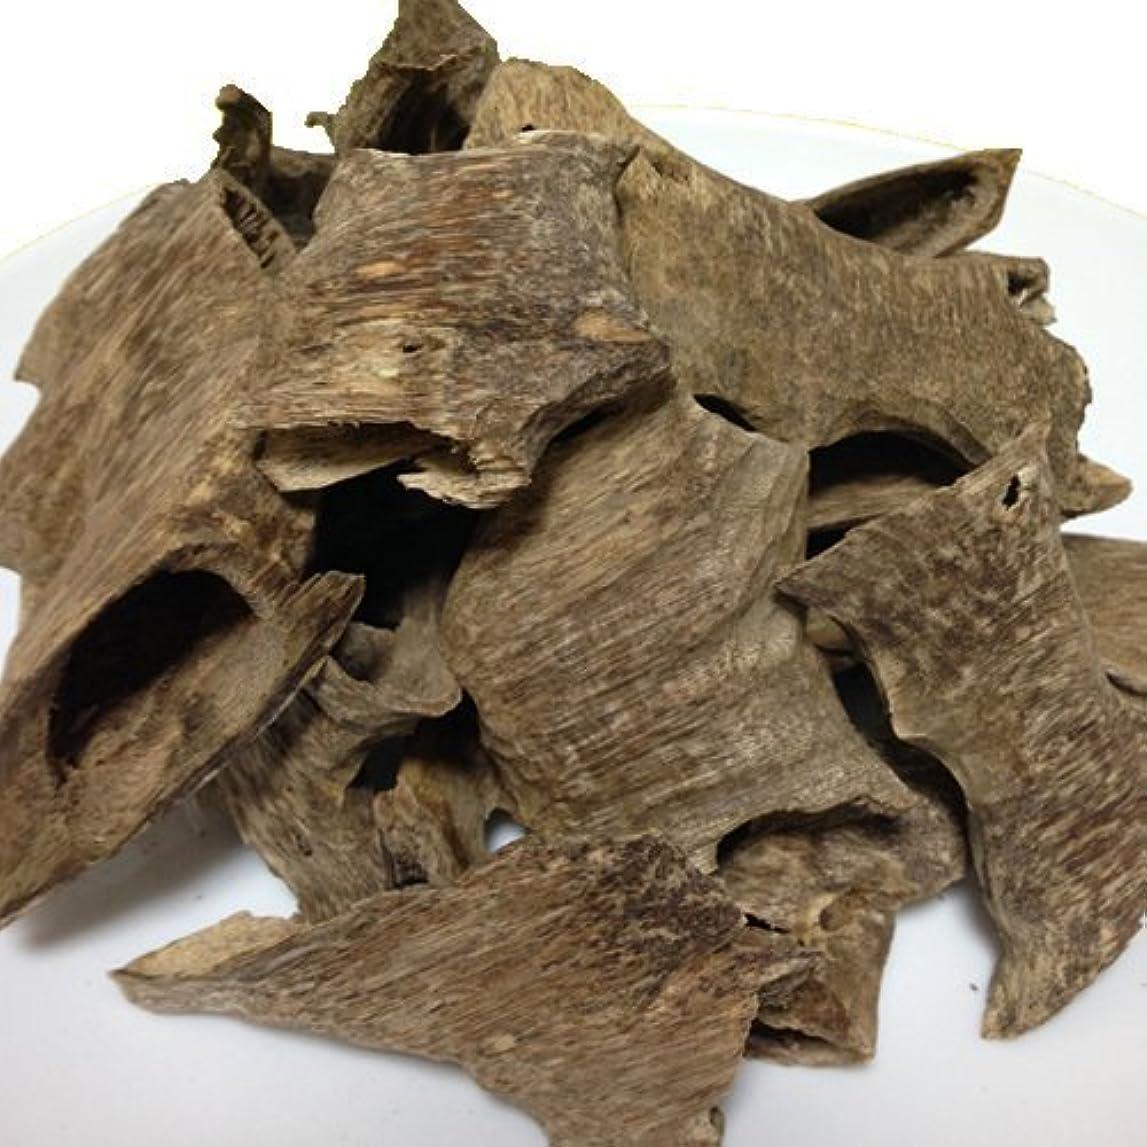 物質操縦するフェンス[ Vietnam market ] Agarwood Chips (Aloeswood Agalloch Eaglewood) From Vietnam 3.5 Oz by Vietnam market [並行輸入品]